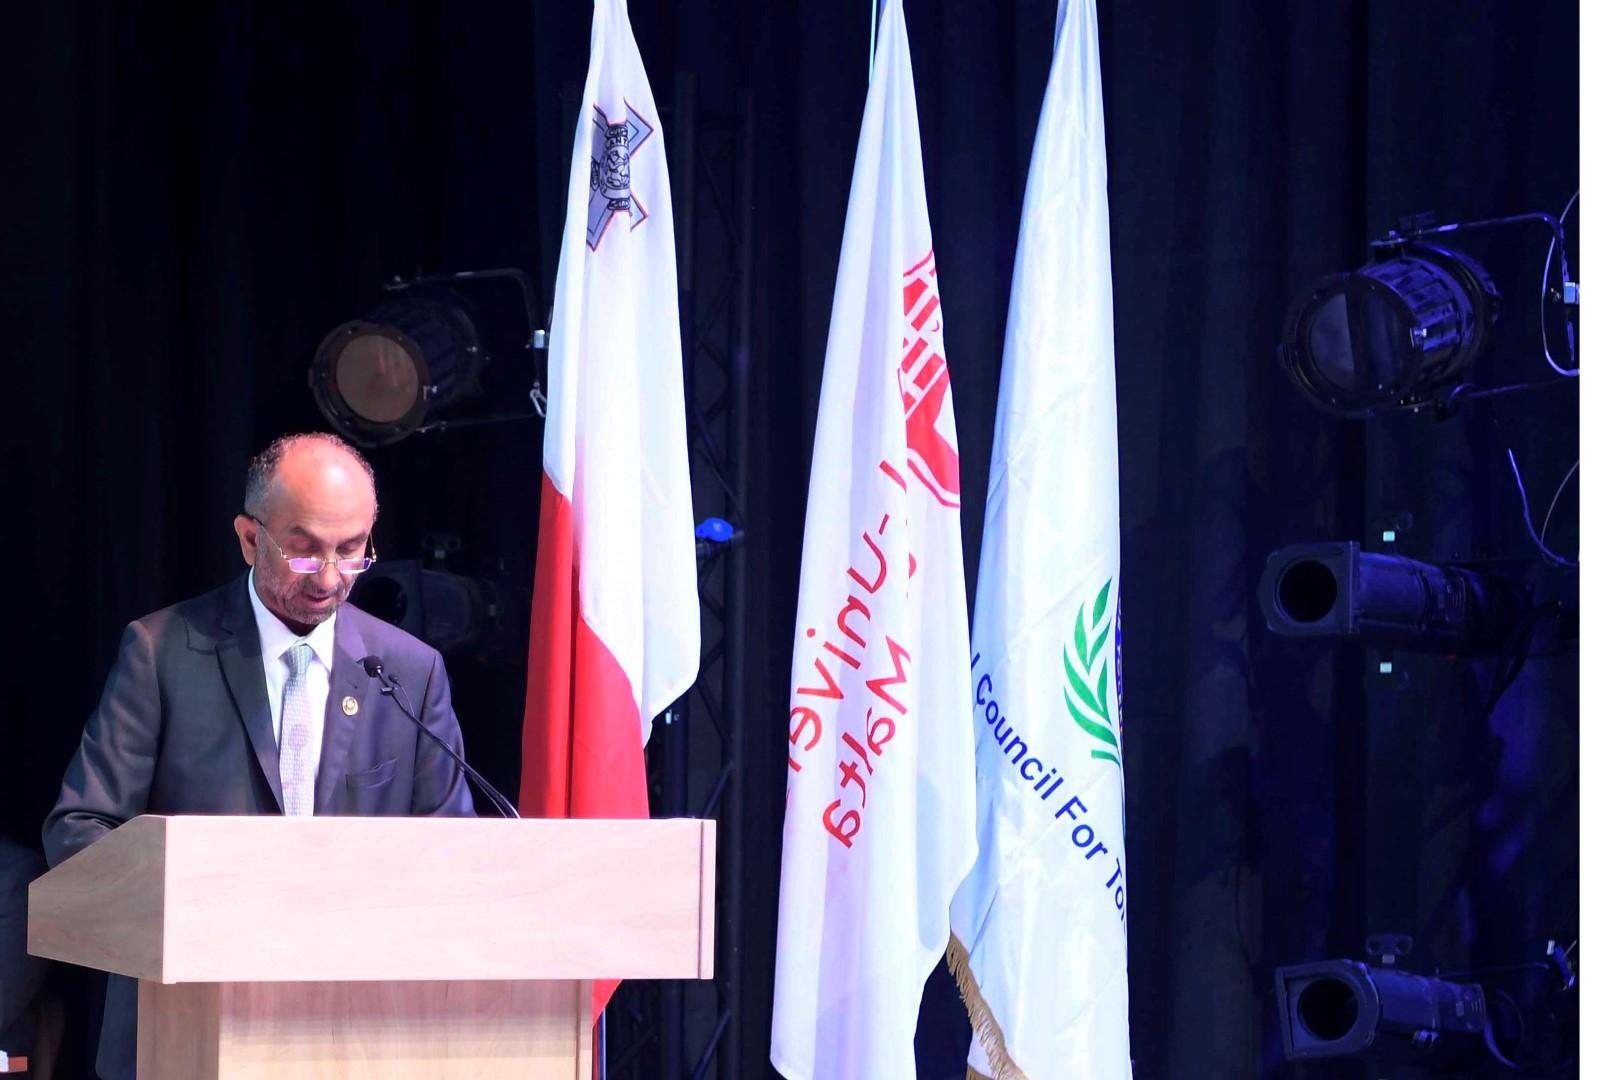 رئيس مالطا يفتتح المؤتمر الأكاديمي الأول للمجلس العالمي للتسامح والسلام